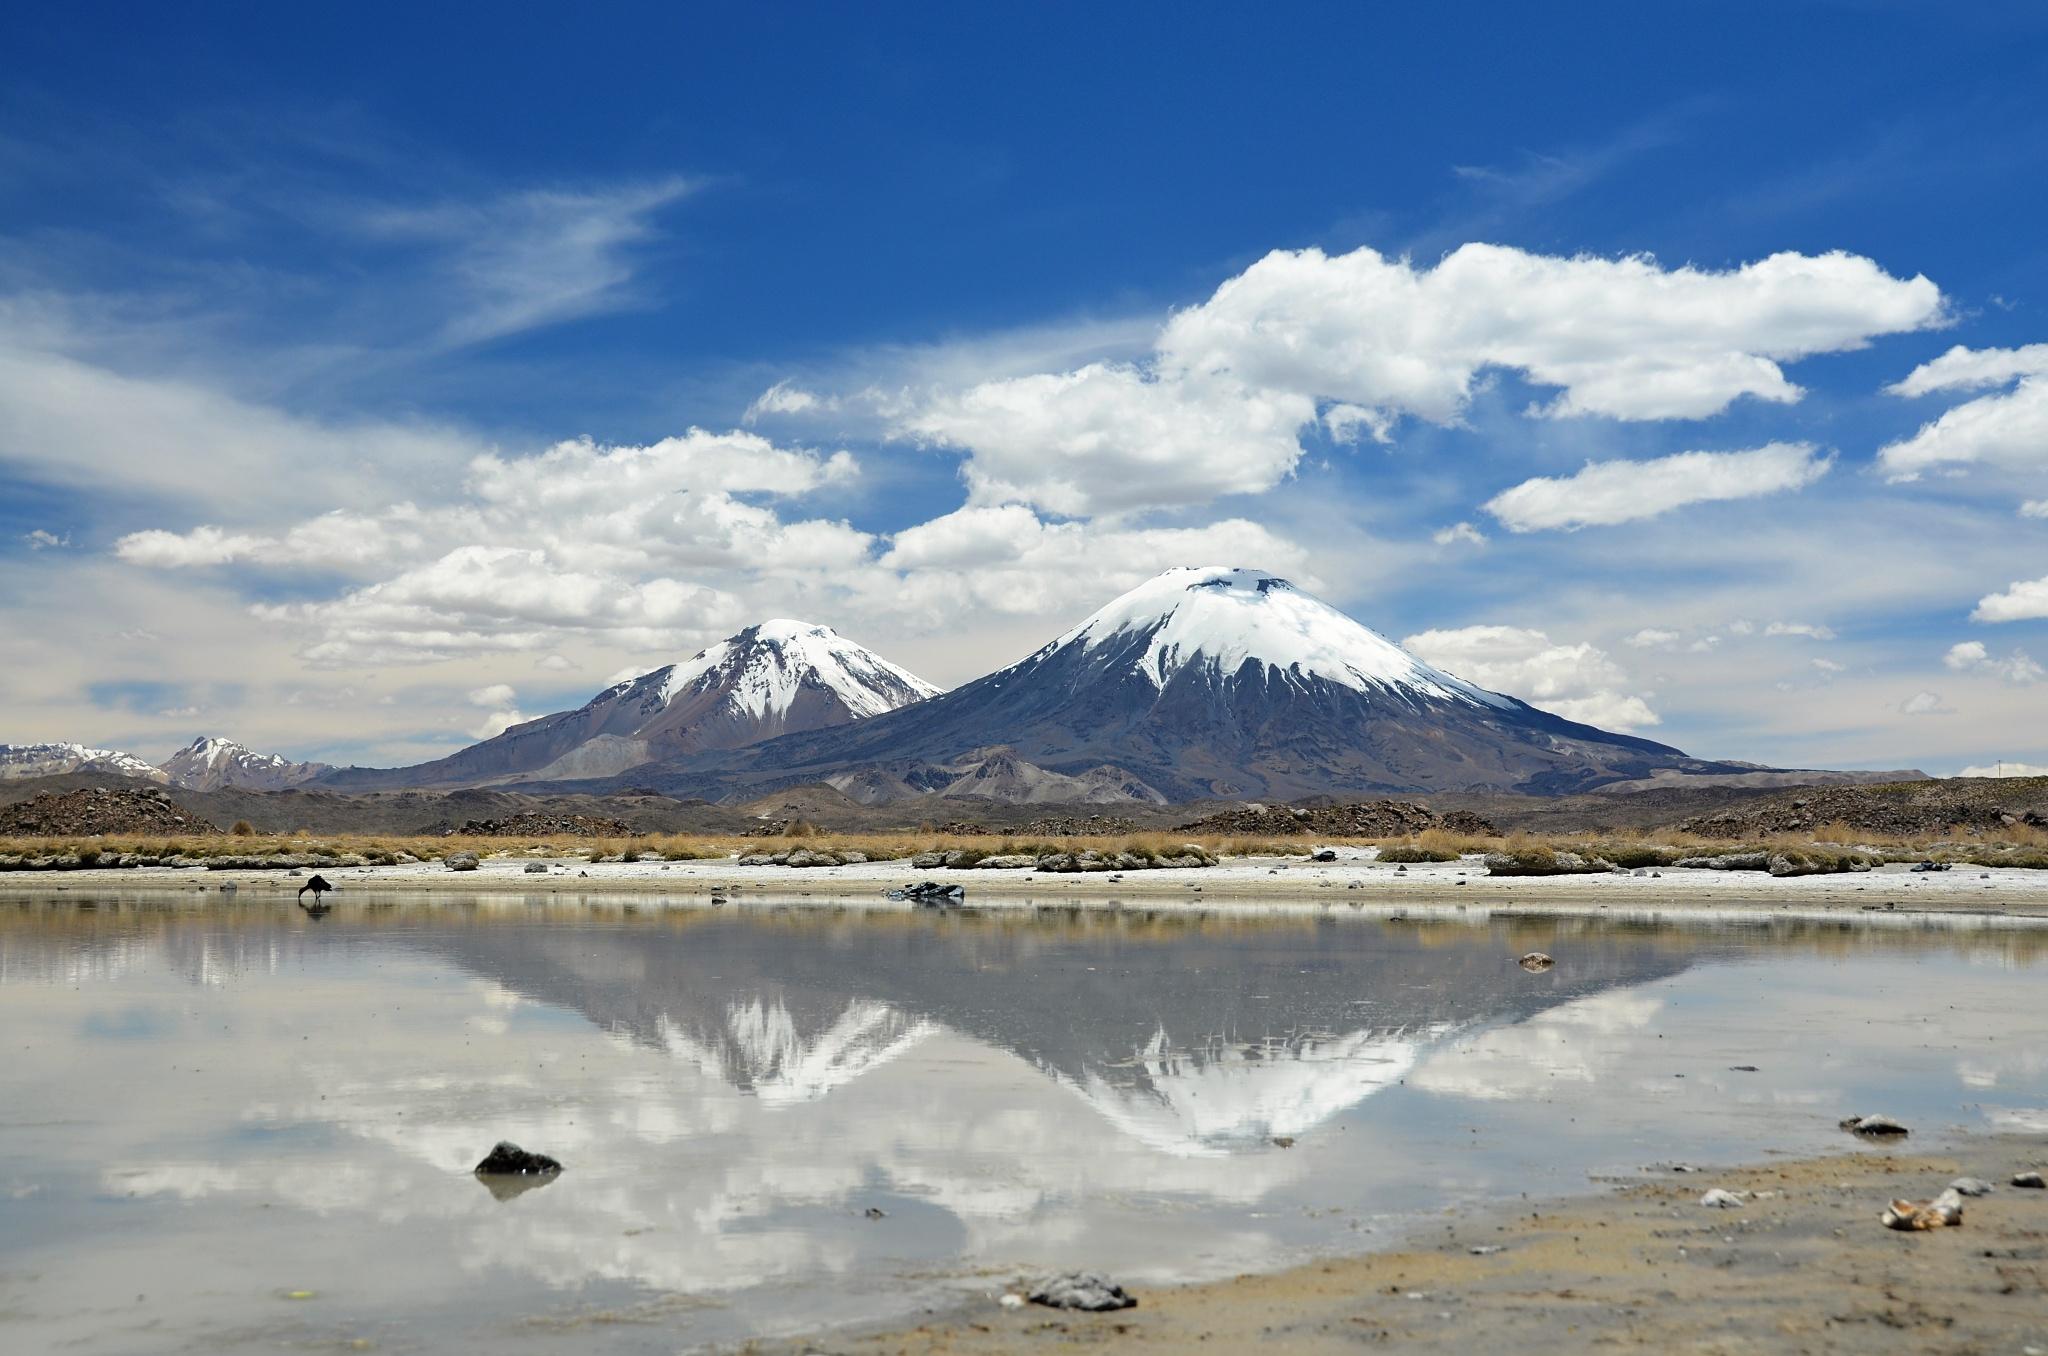 Sopky Parinacota a Pomerape lesknoucí se v jezeře Cotacotani